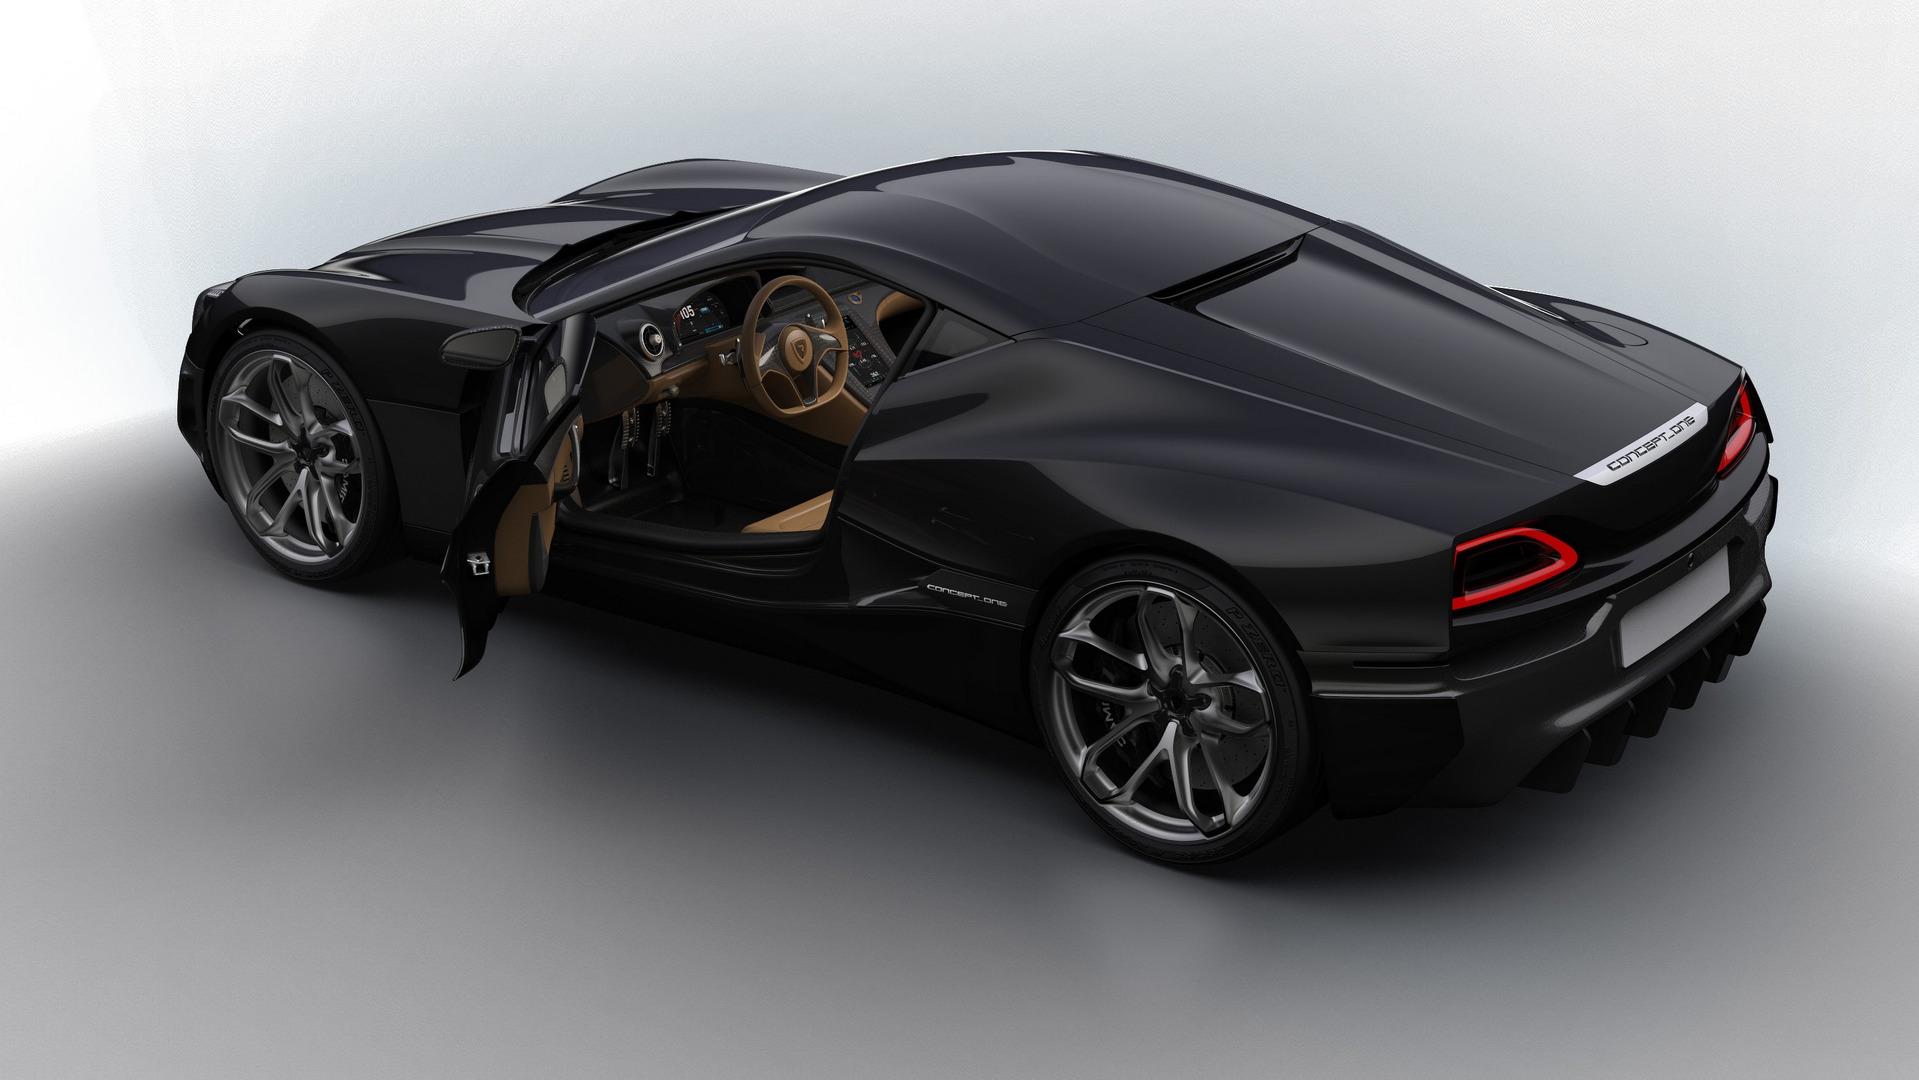 Rimac prepara un serio rival del nuevo Tesla Roadster, ¿llega una nueva era?